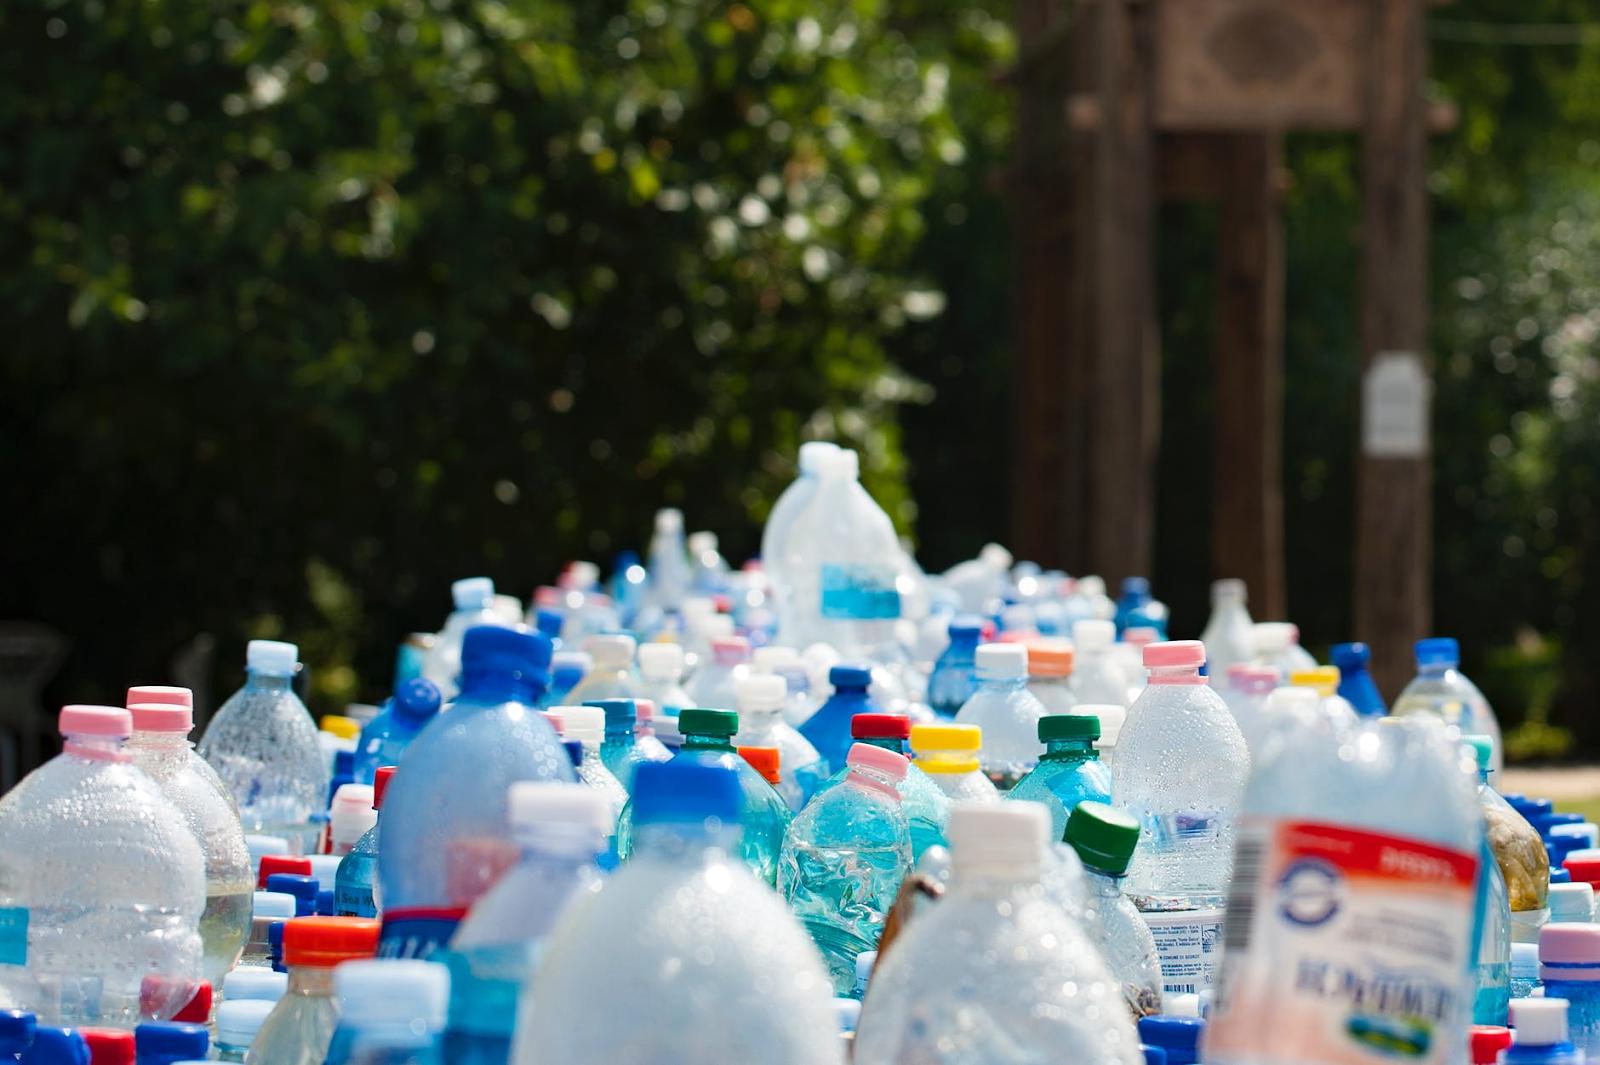 botellas de plástico de polietileno en fila